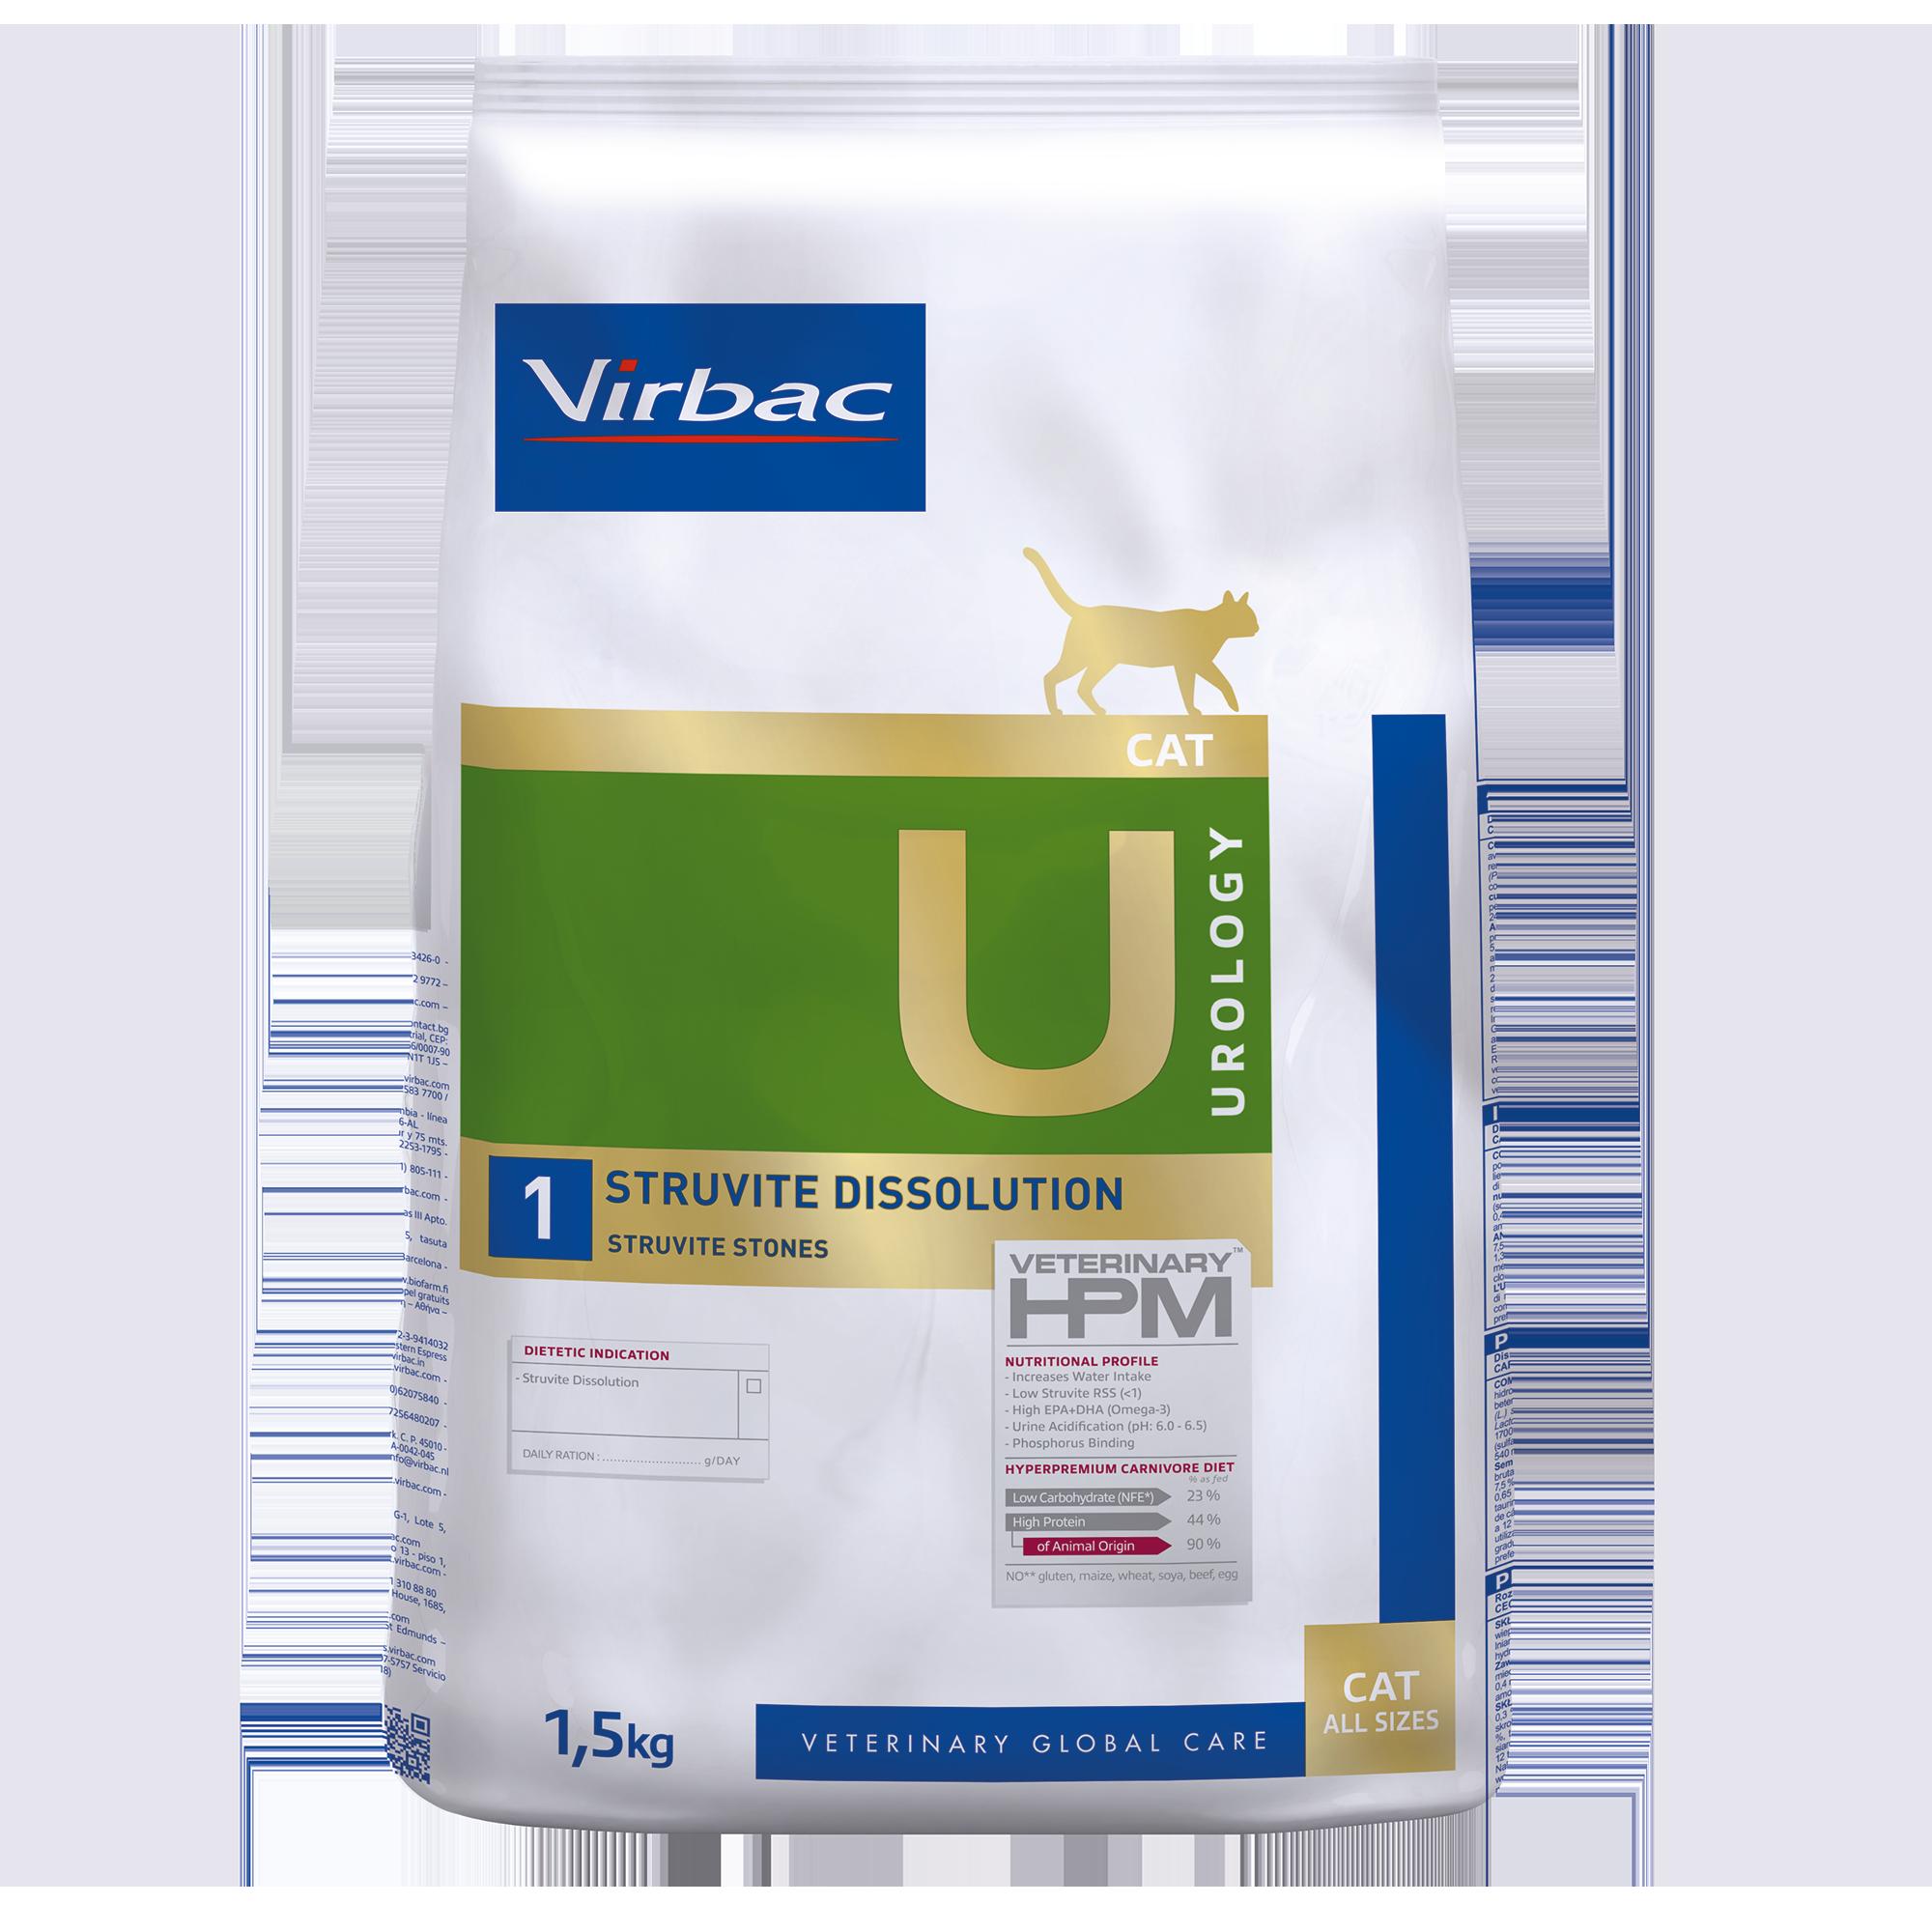 Urology 1 Cat - 1,5 kg